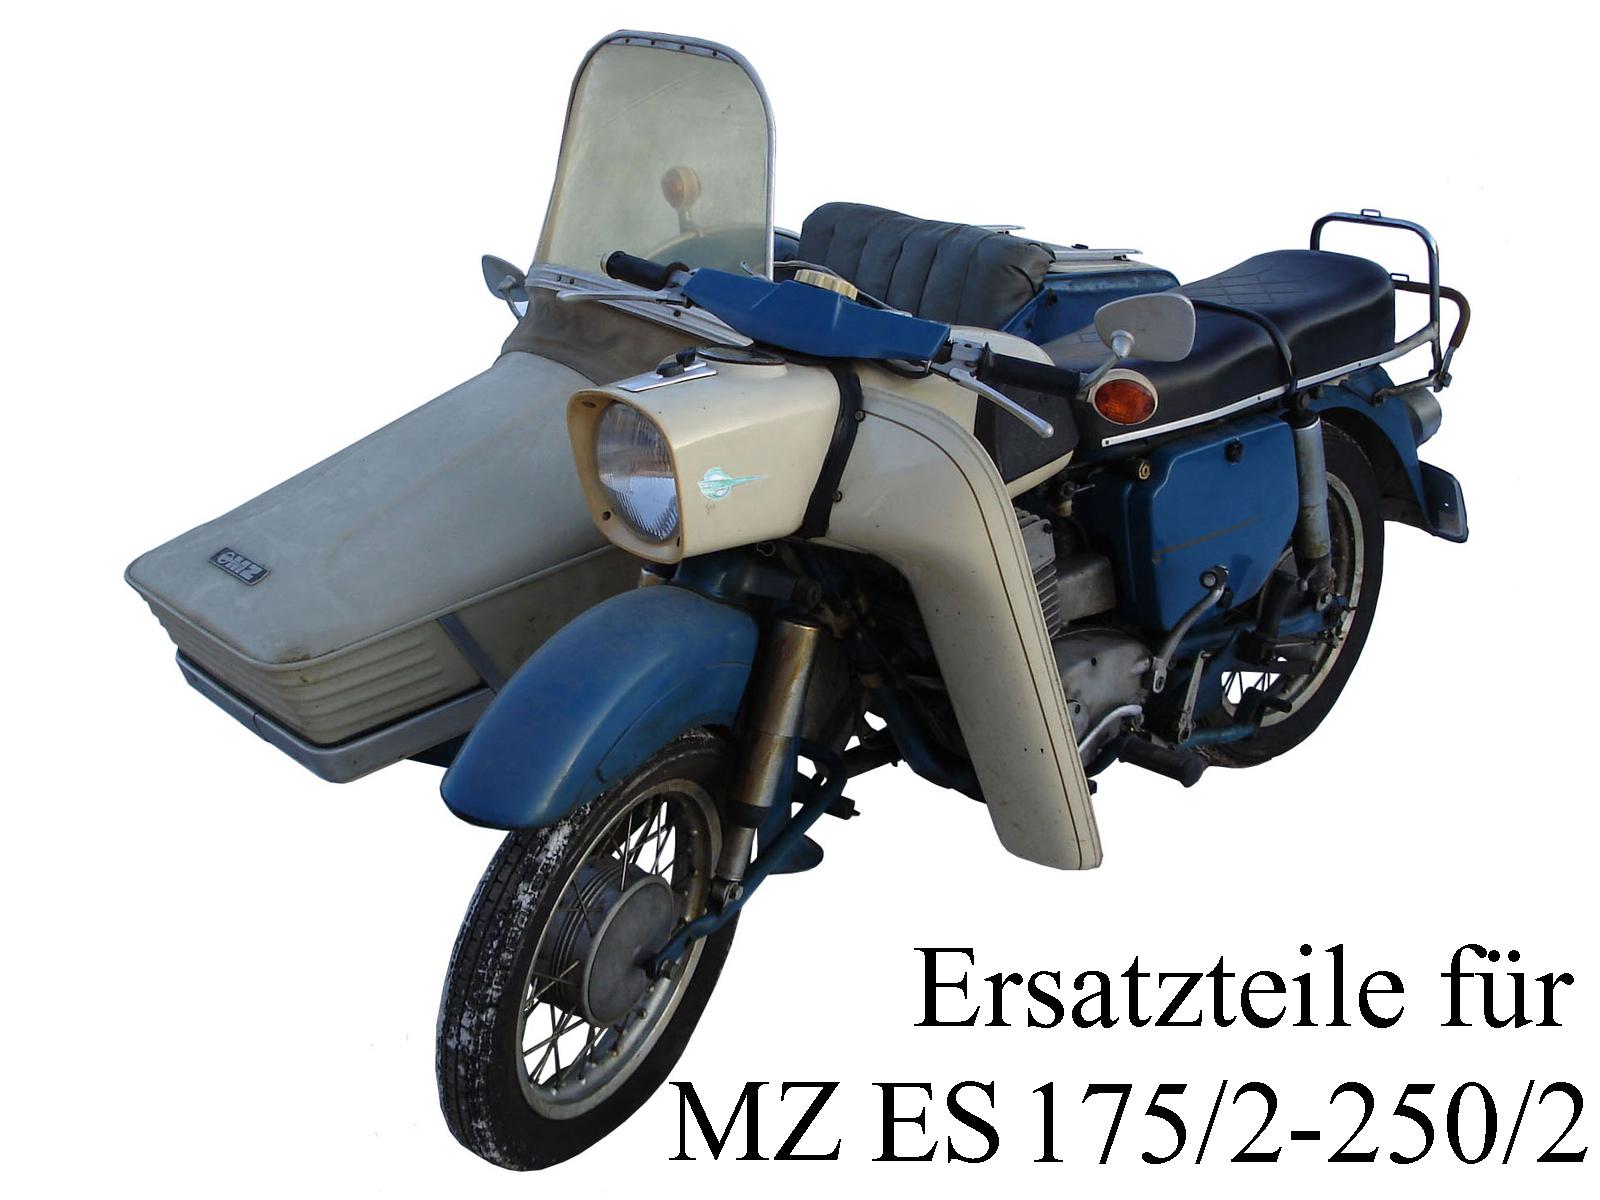 Ersatzteile kaufen für die DDR-Motorräder MZ ES 175/2-250/2